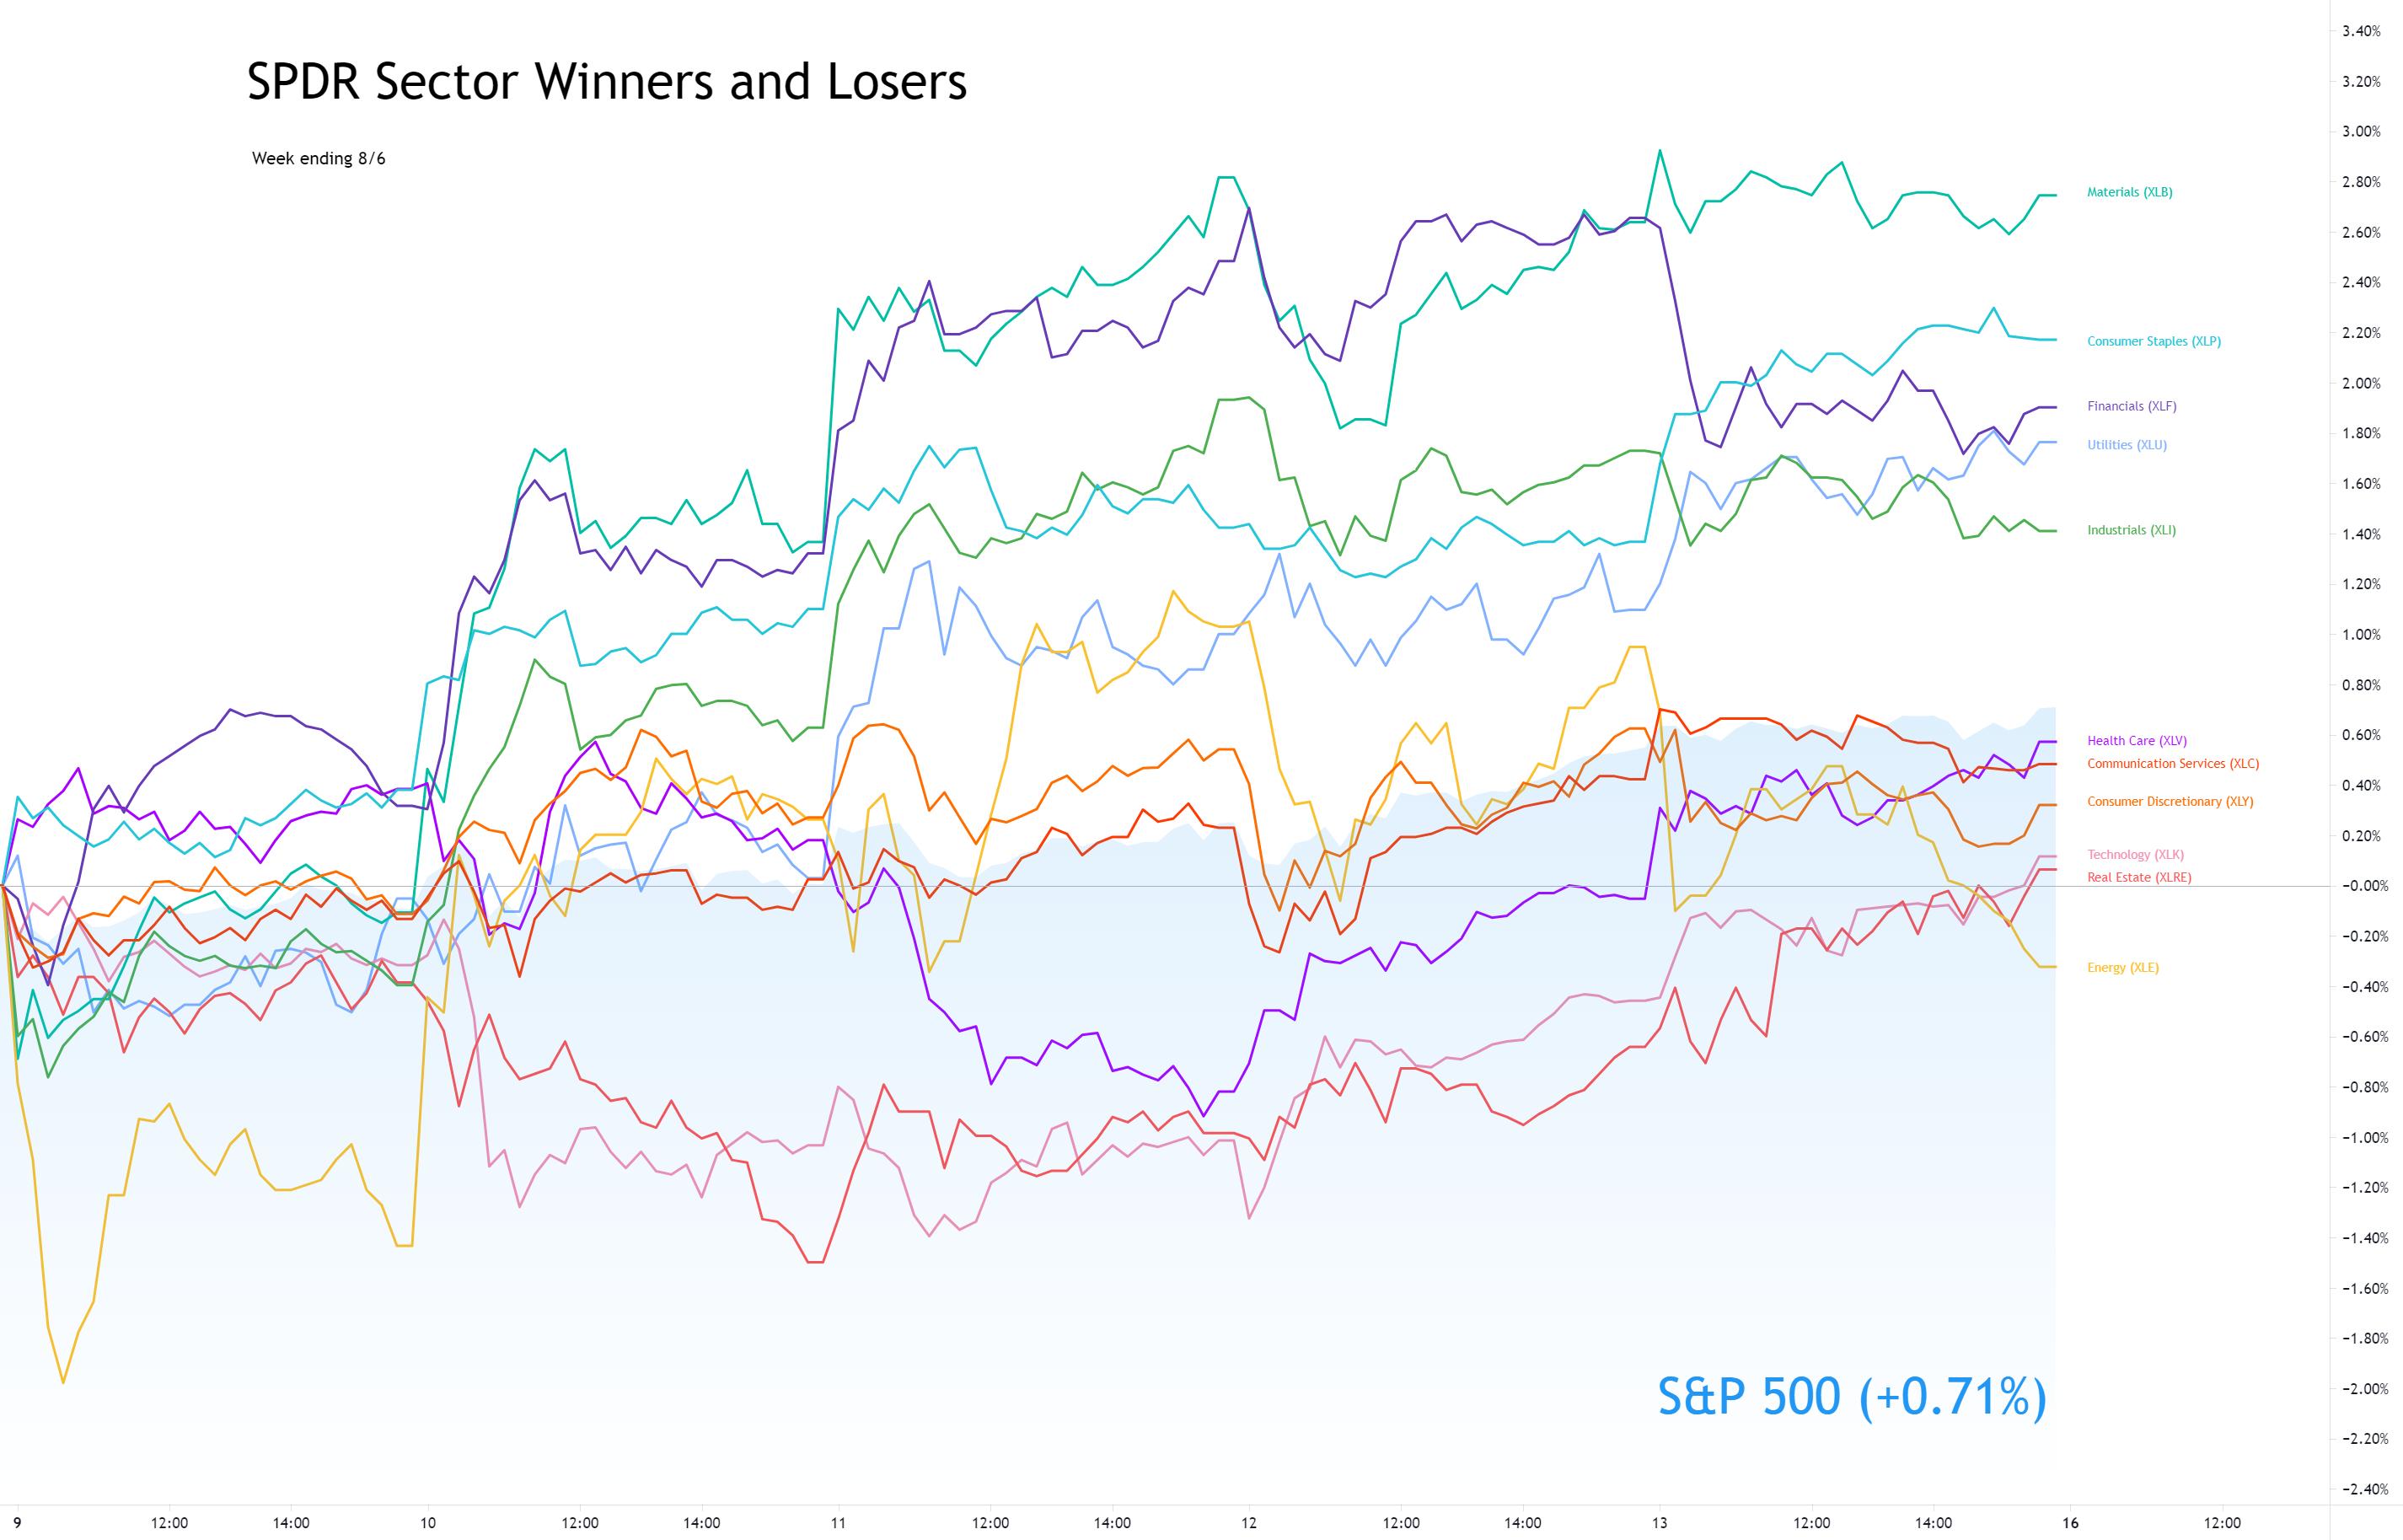 Sector Winners and Losers week ending 9/13